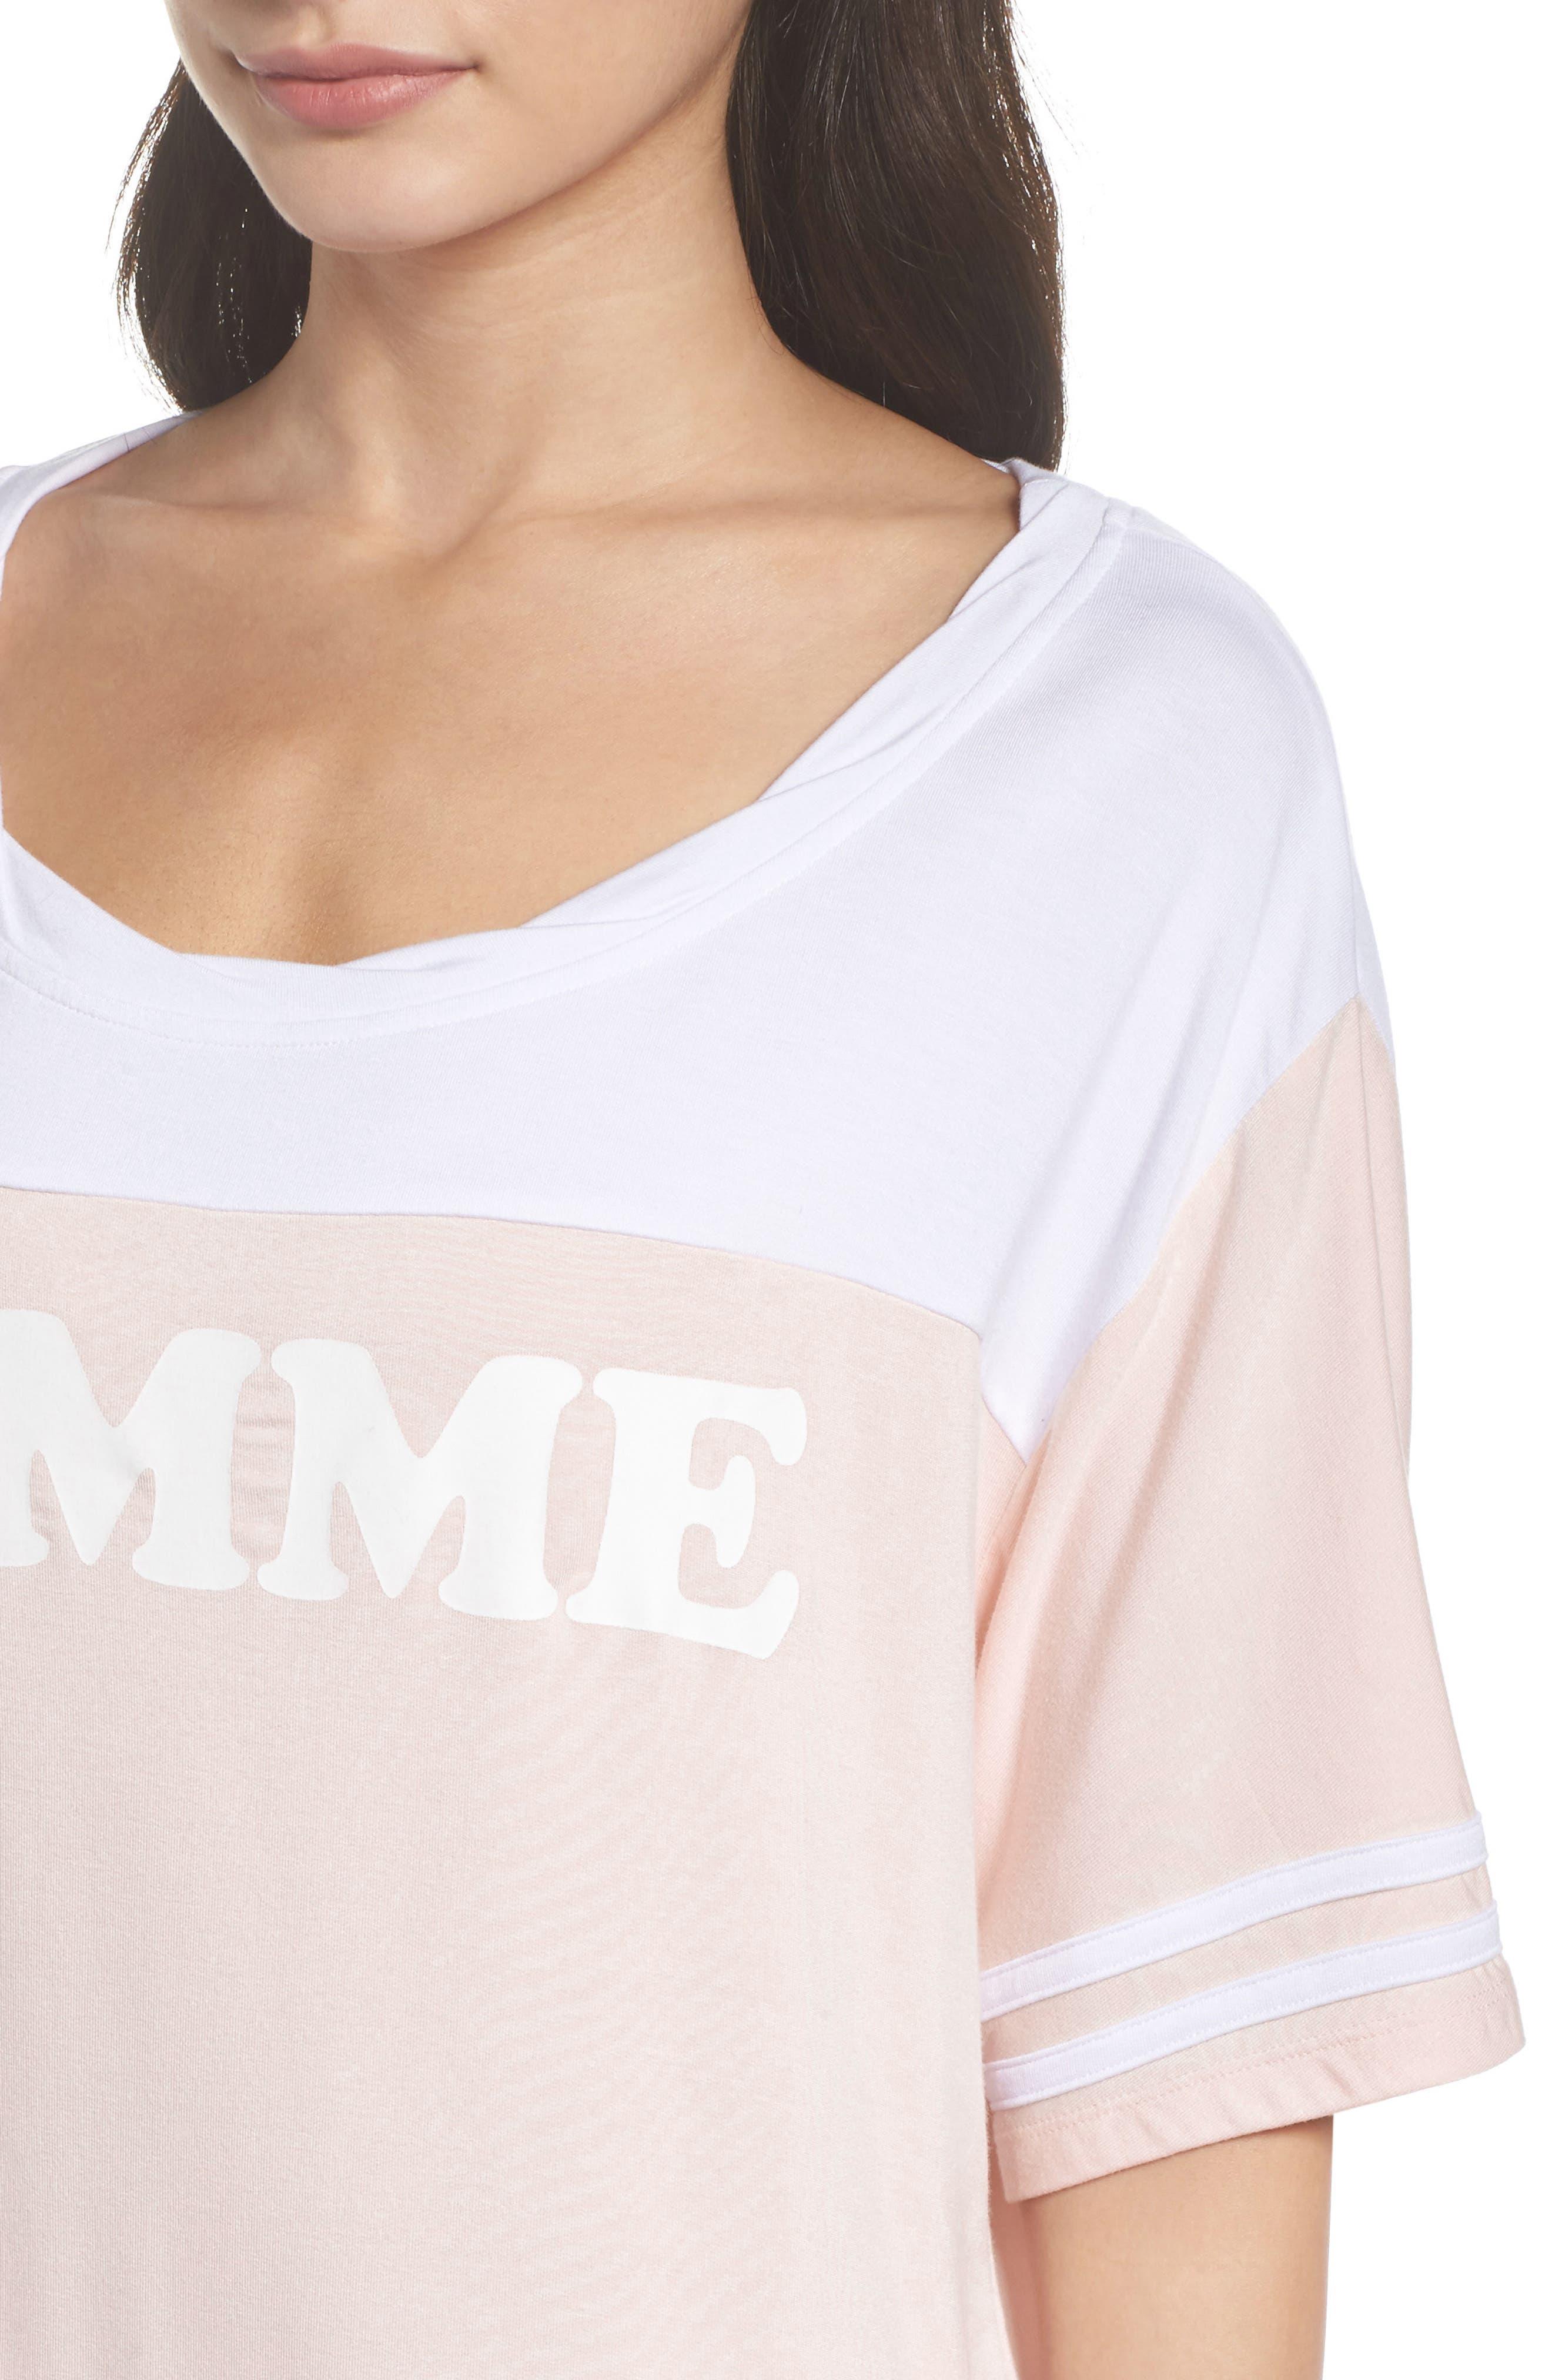 Team Femme Baggy Tee,                             Alternate thumbnail 6, color,                             Shell/ White